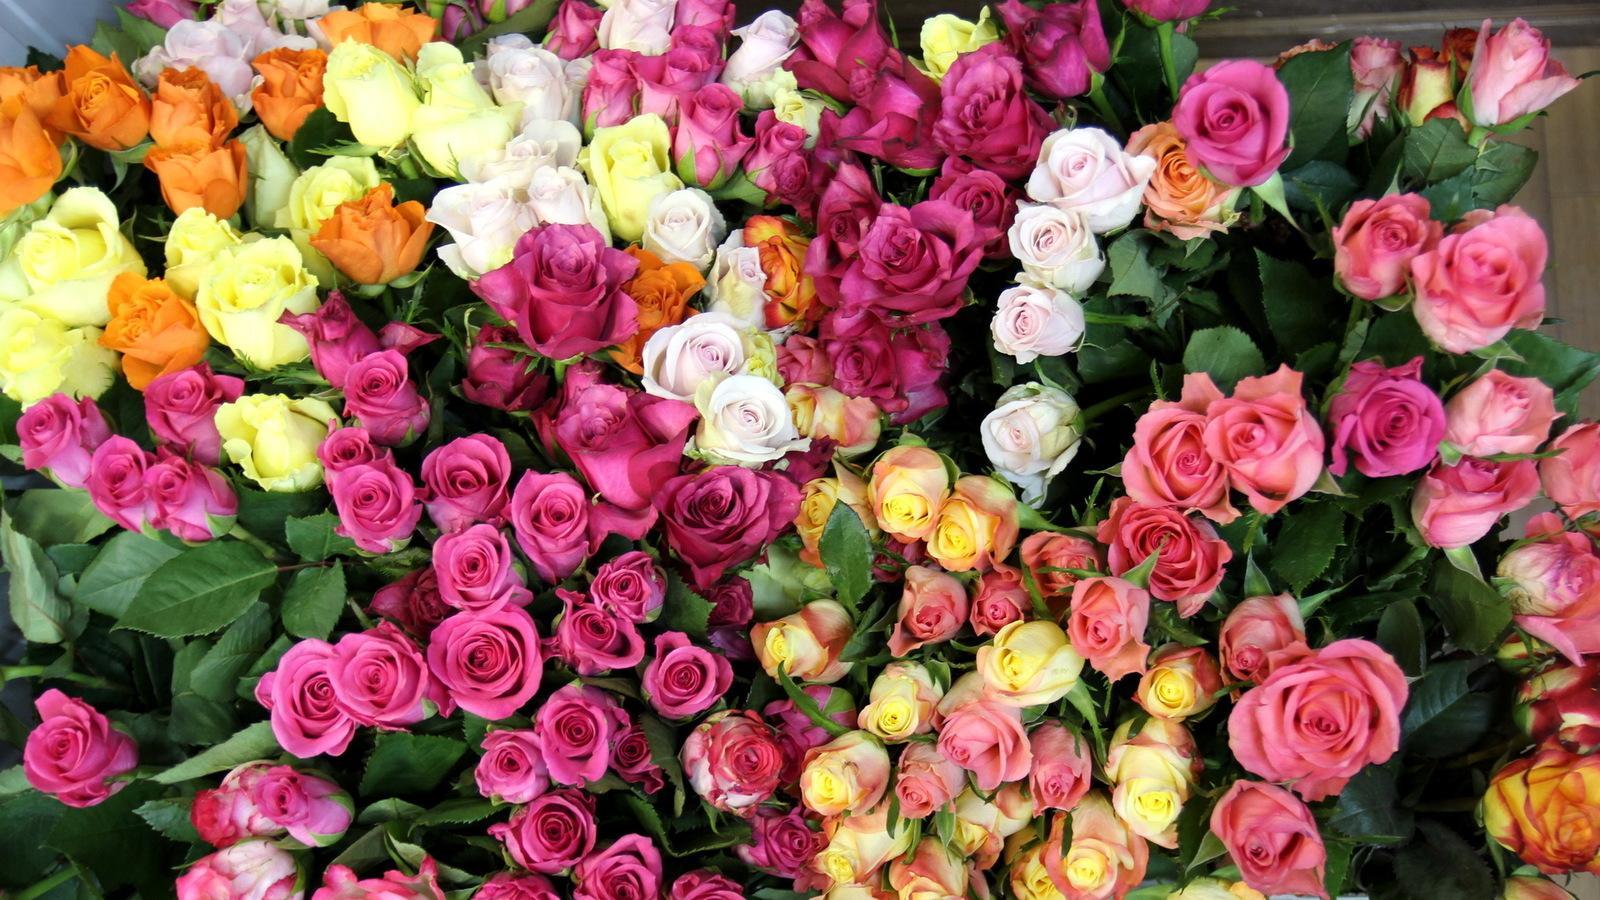 پیام صوتی تولد باشگاه خبرنگاران جوان - والپیپرهایی زیبا از گلهای عاشقانه ...